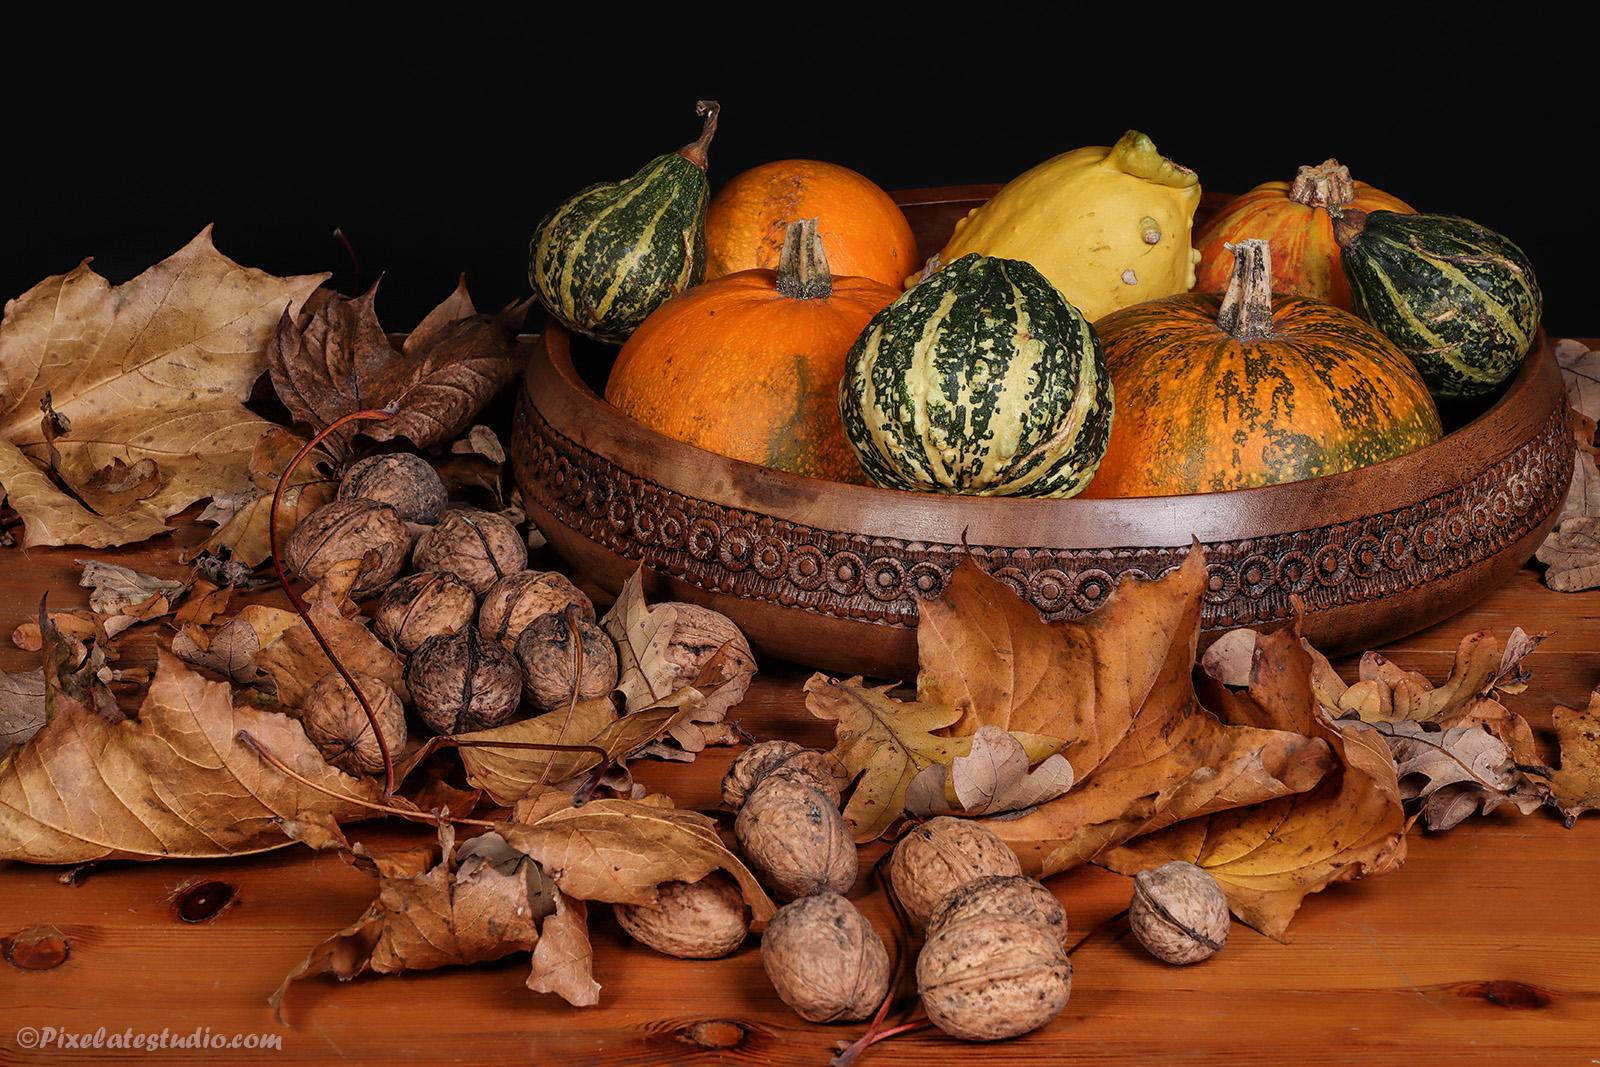 Stilleven, foto met herfst sfeer gemaakt in de studio